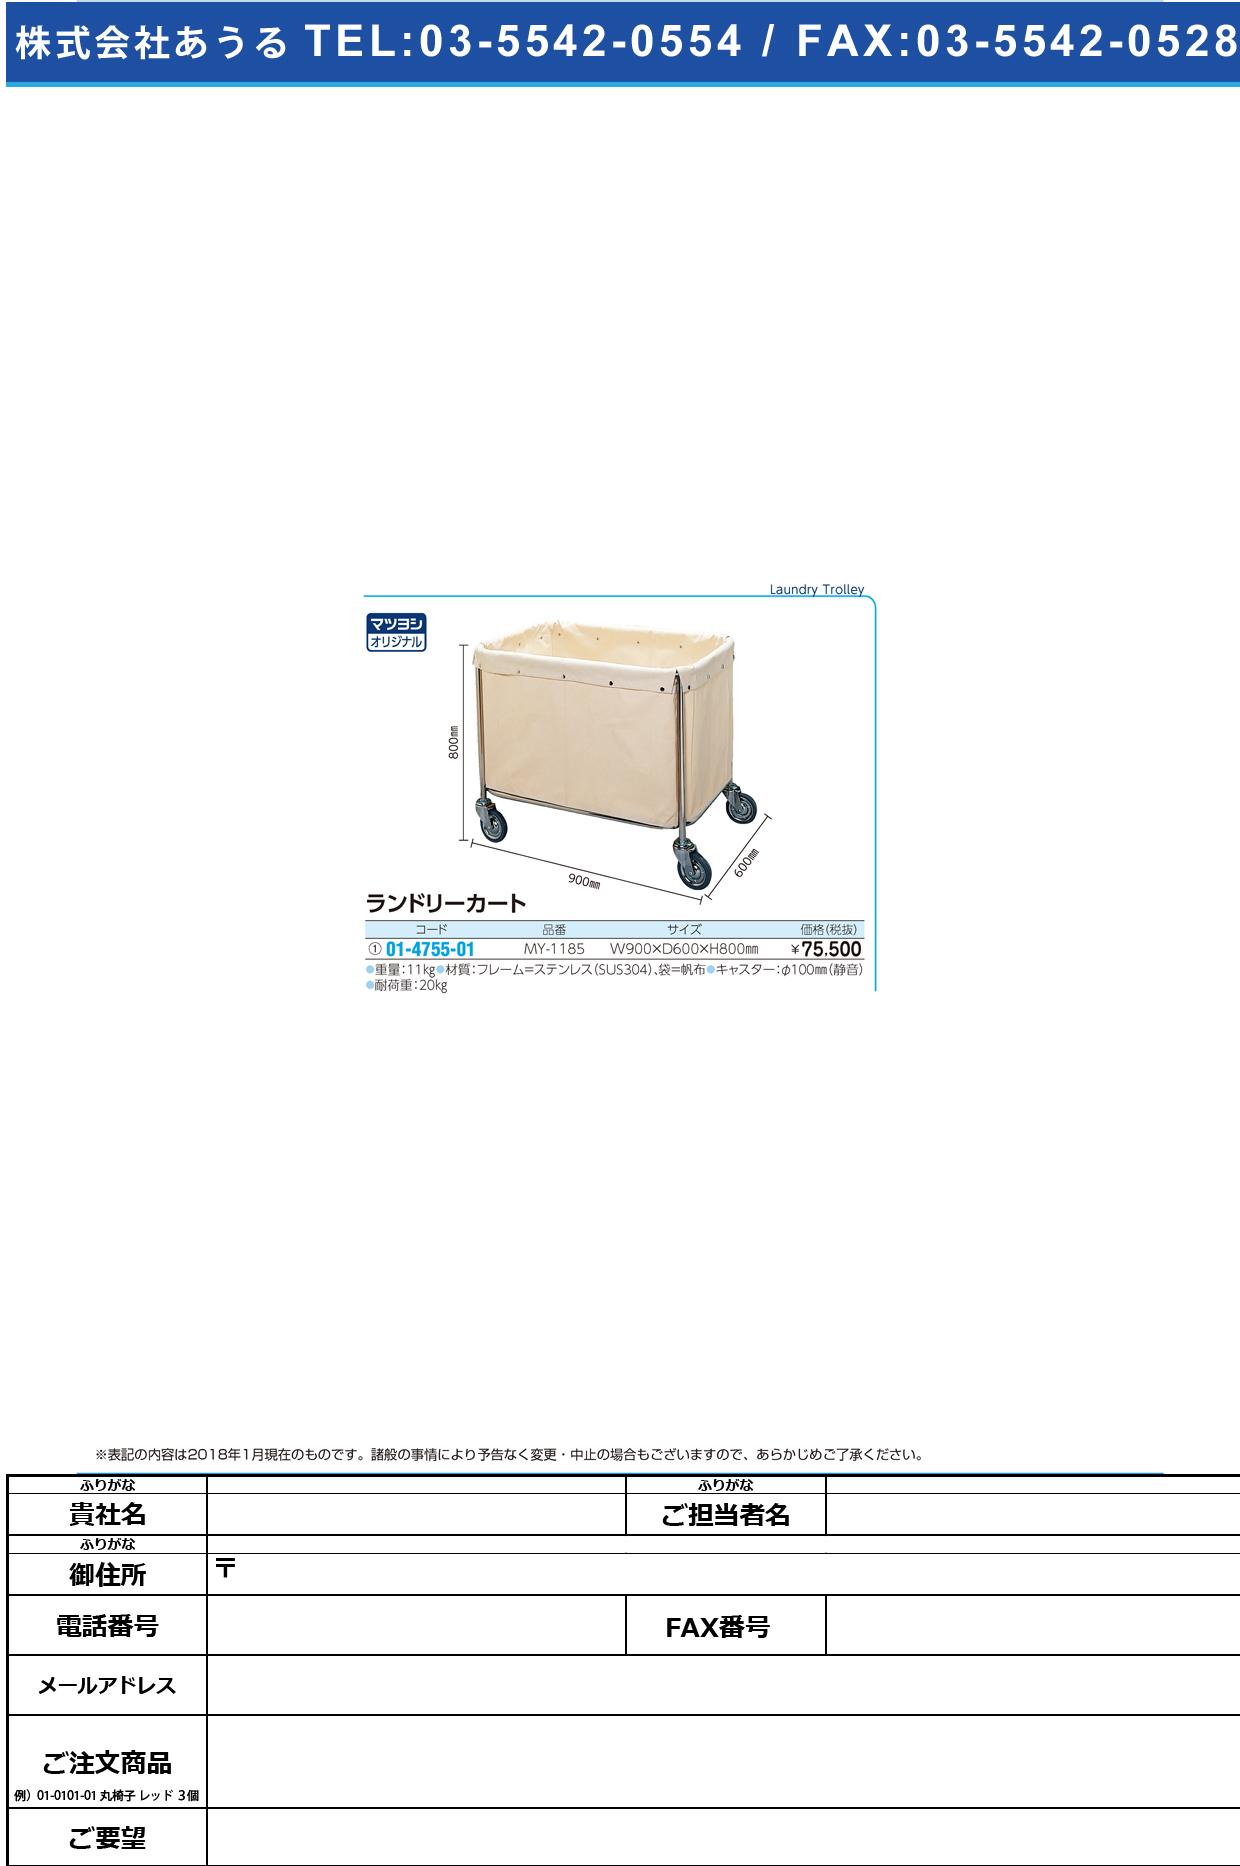 (01-4755-01)ランドリーカート(SQ−21) MY-1185(90X60X80CM) ランドリーカート(SQ-21)【1台単位】【2018年カタログ商品】